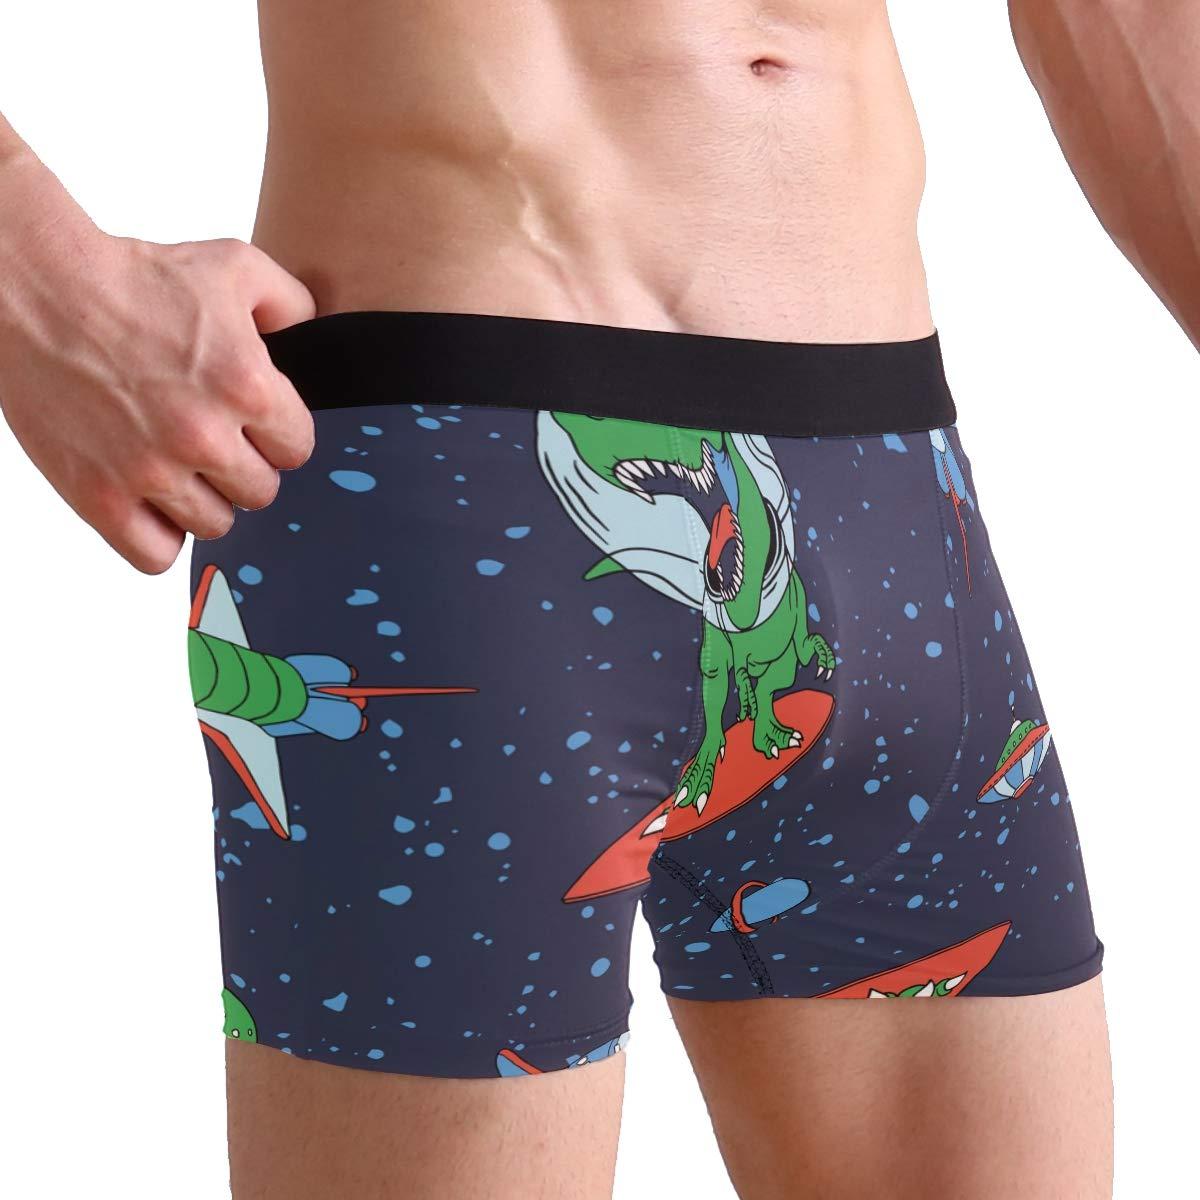 Mens Underwear Astronaut Dinosaur Boys Boxer Brief